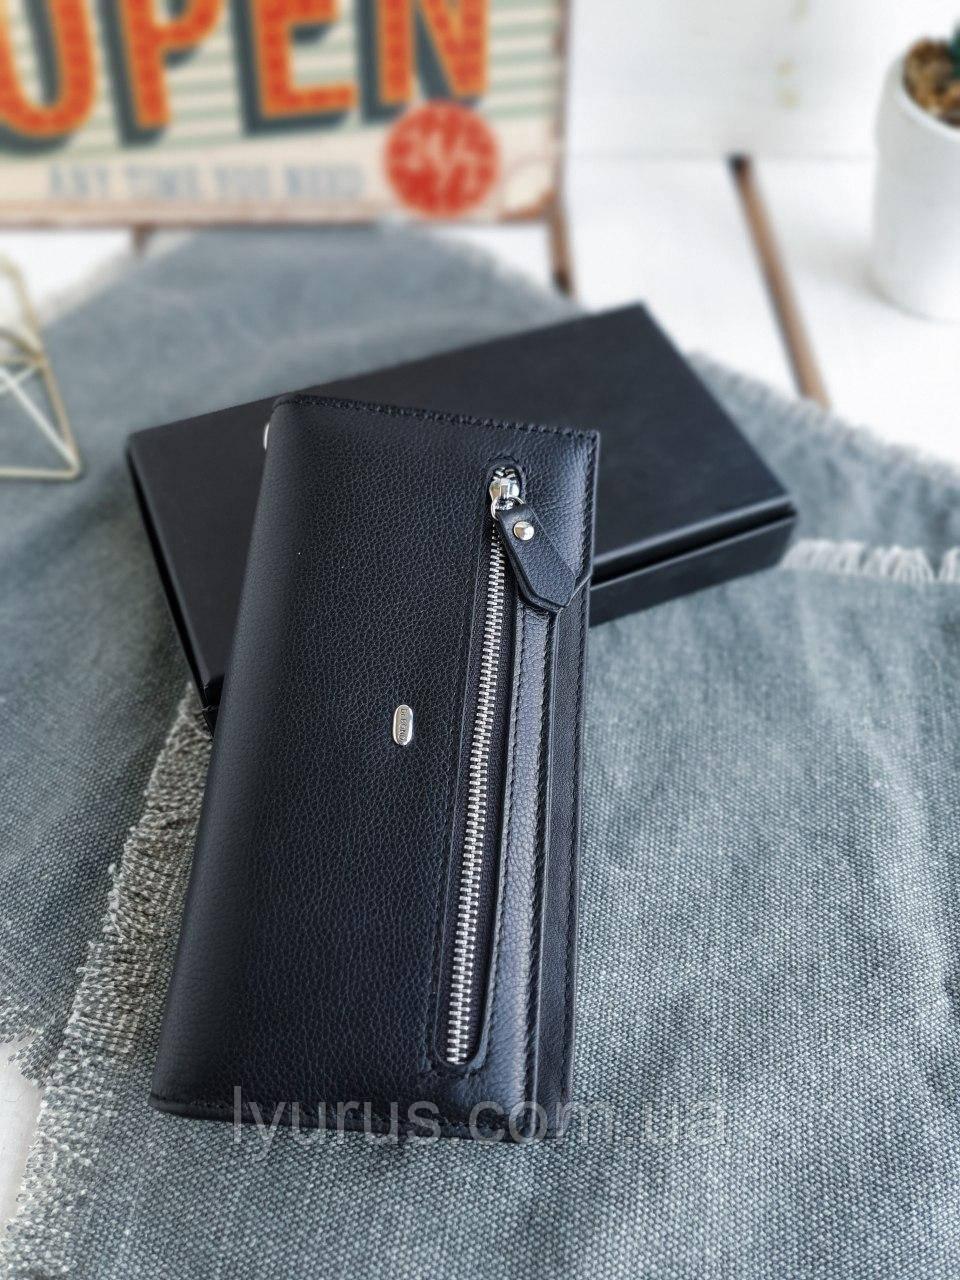 Женский кожаный кошелек размером 19,5x10,5x3 см Черный (3558)